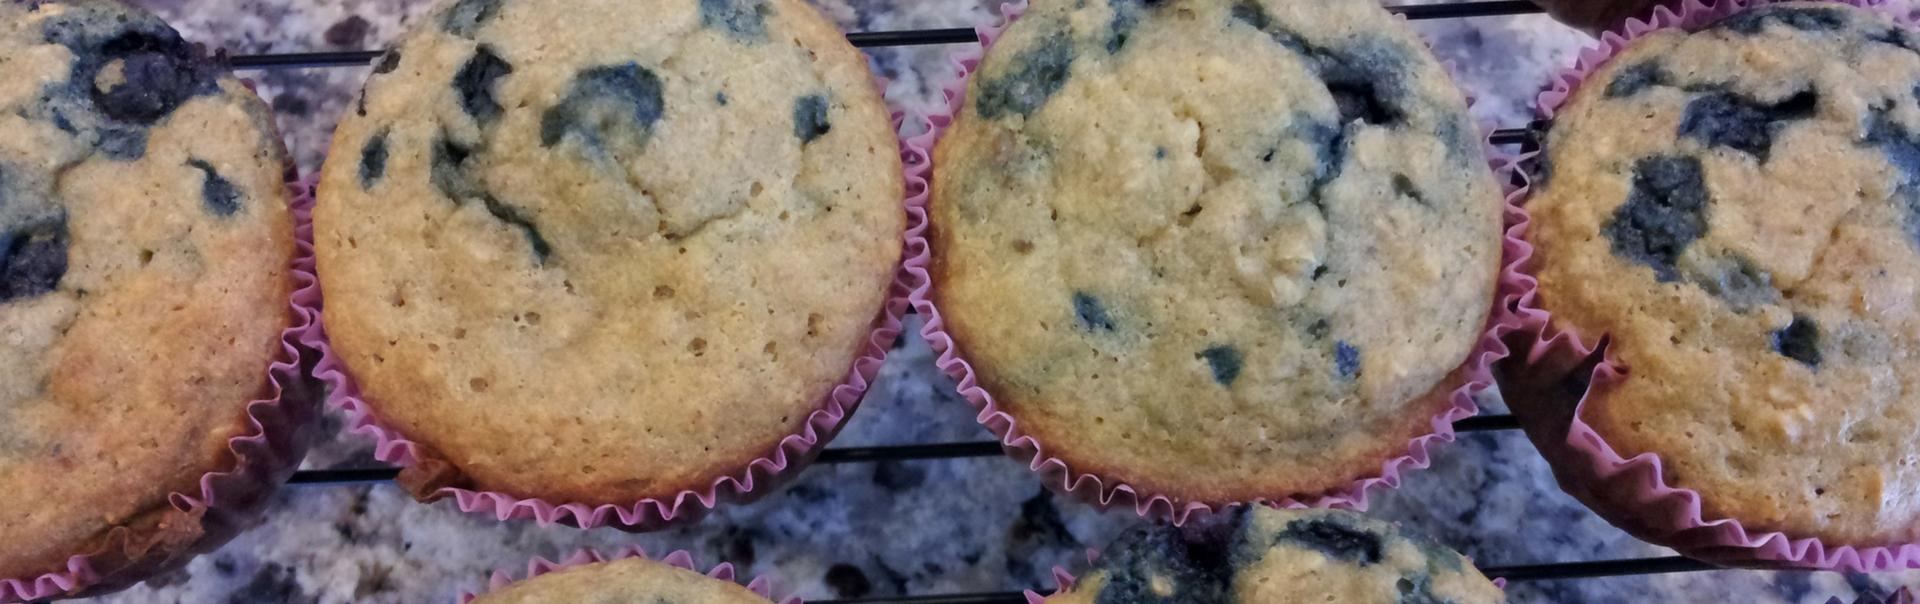 Blueberry & Vanilla Protein Muffins